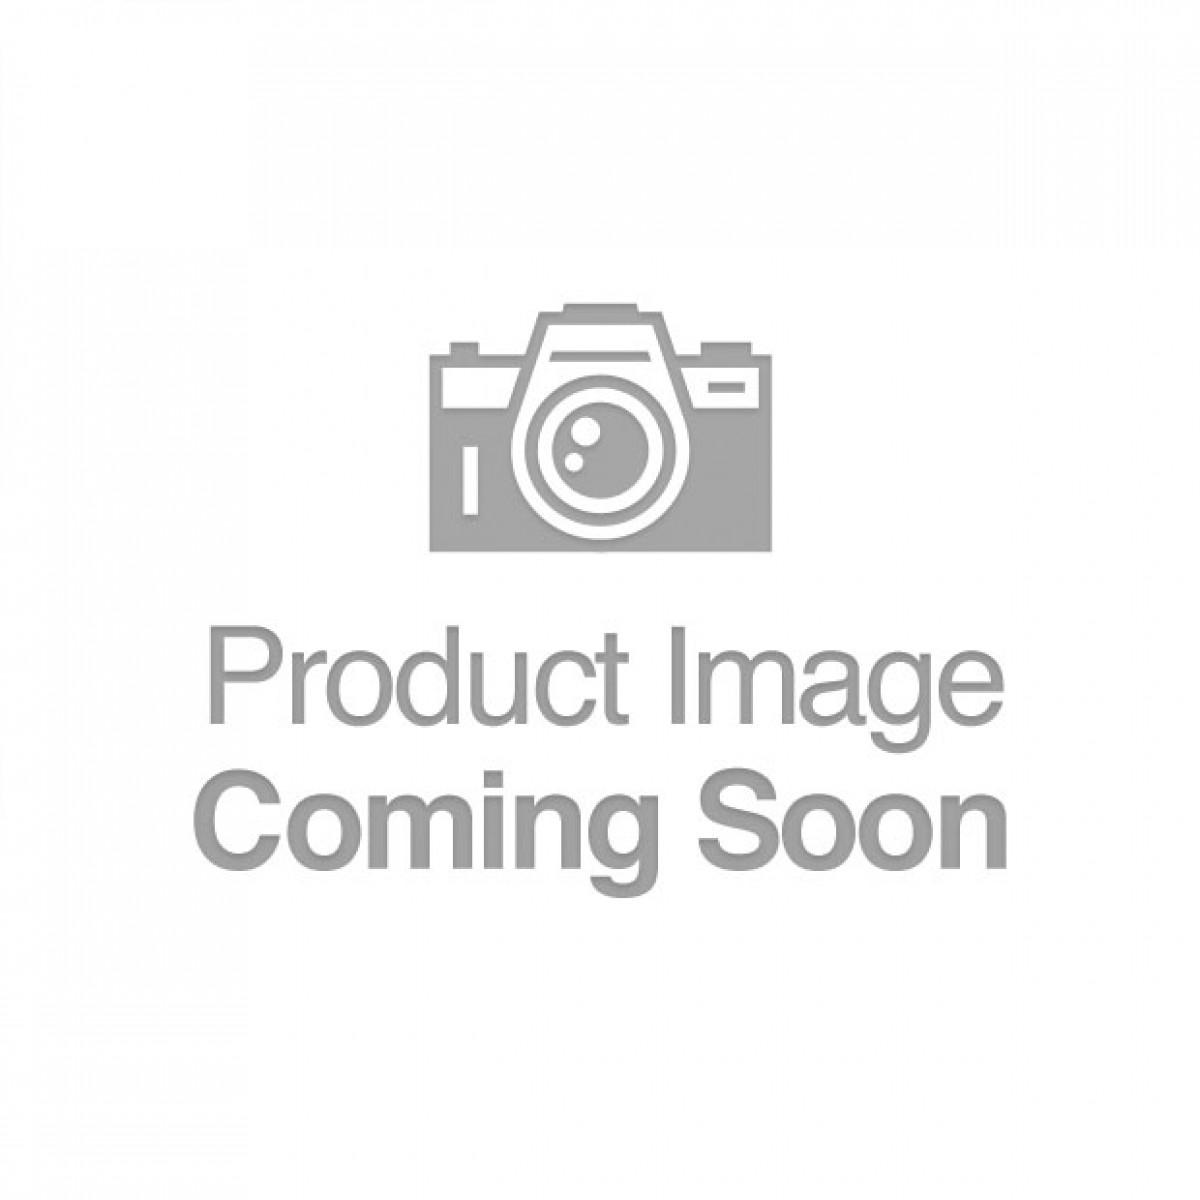 Vac-U-Lock Vibrating Dual Density ULTRASKYN Set w/Wireless Remote - Vanilla